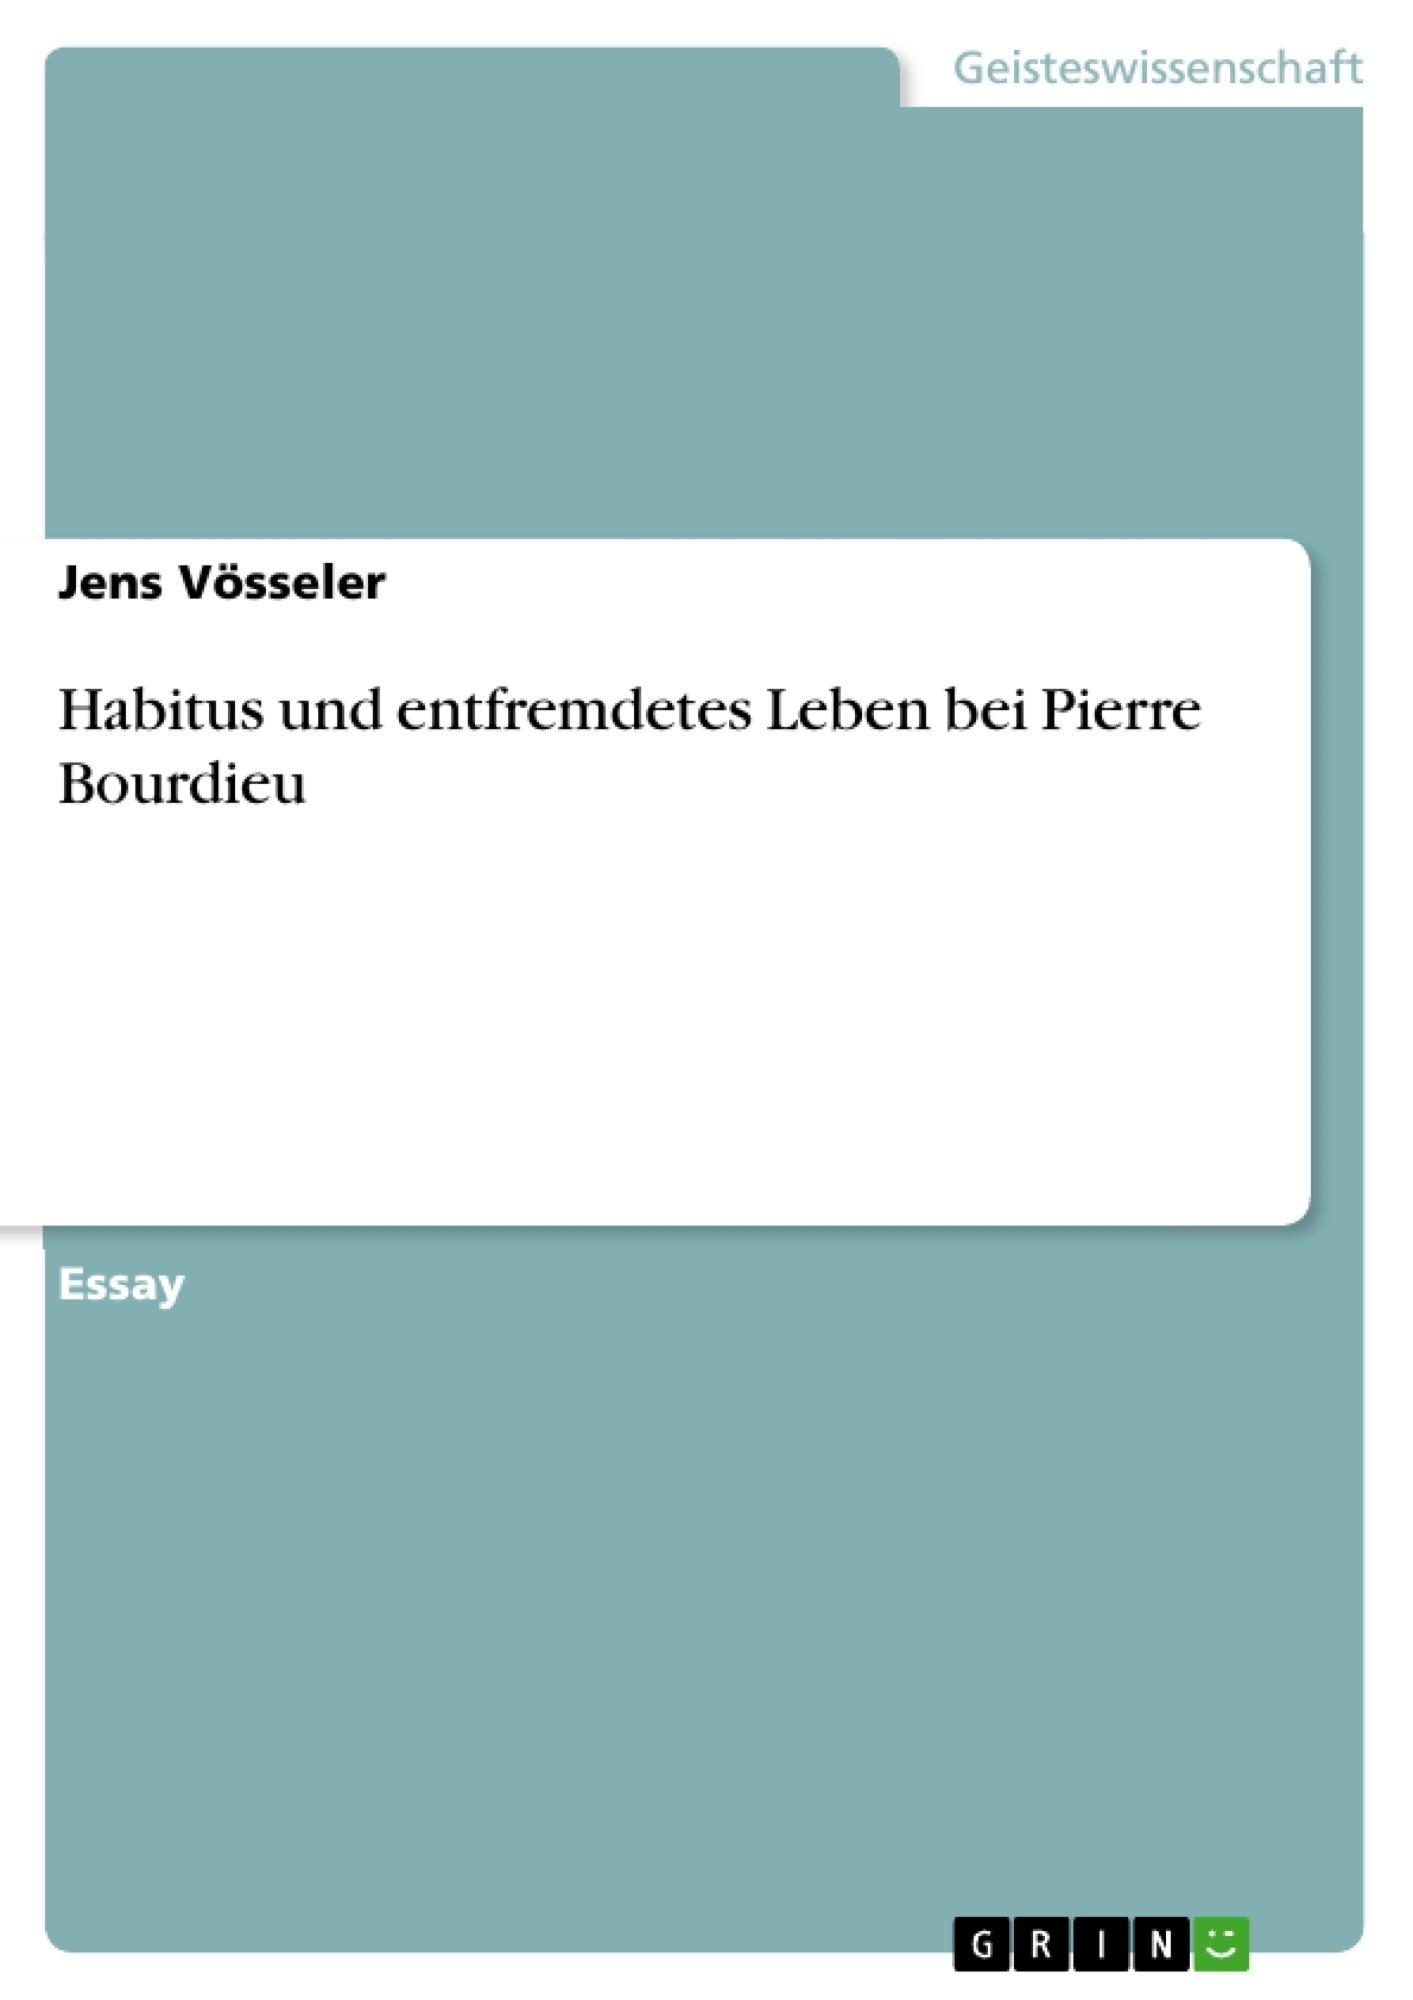 Titel: Habitus und entfremdetes Leben bei Pierre Bourdieu